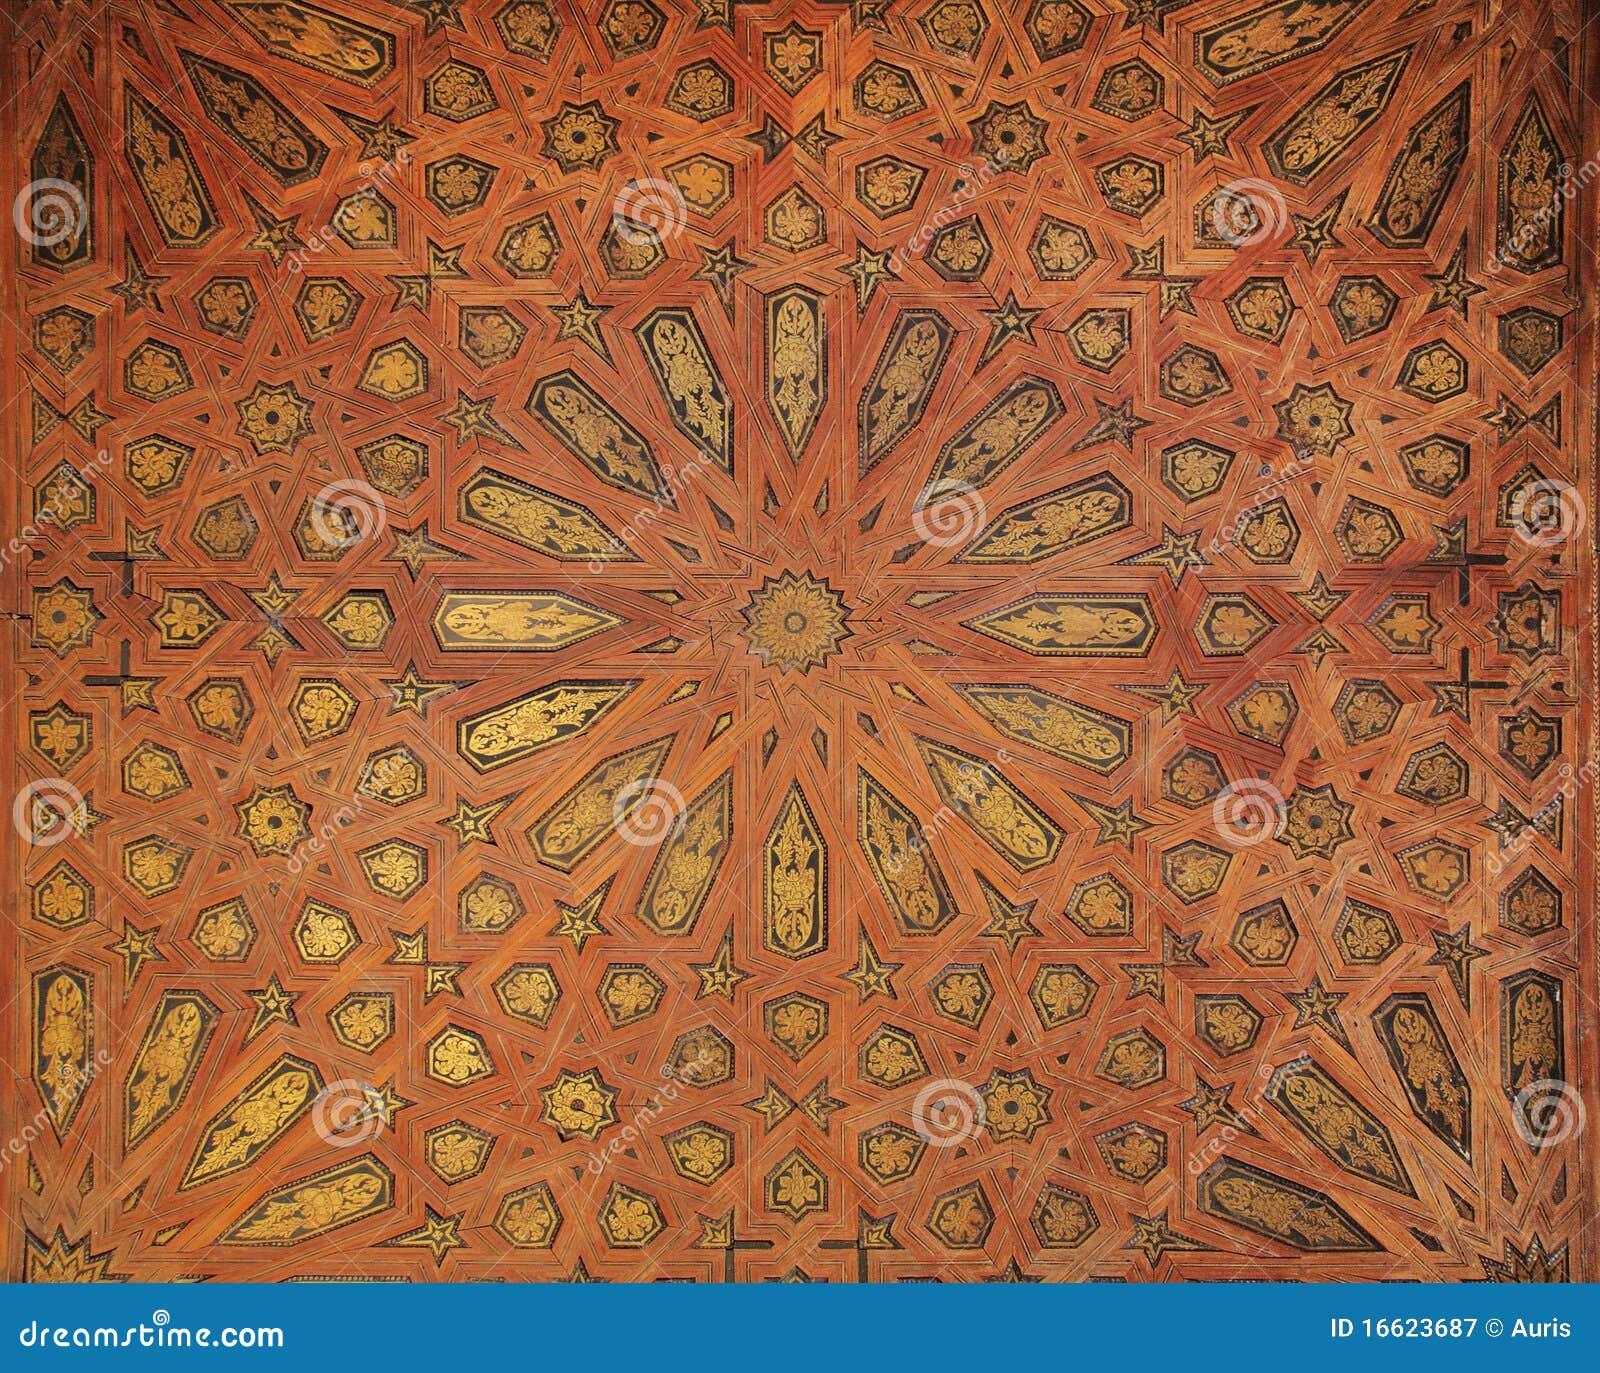 Arabic pattern at Alhambra palace